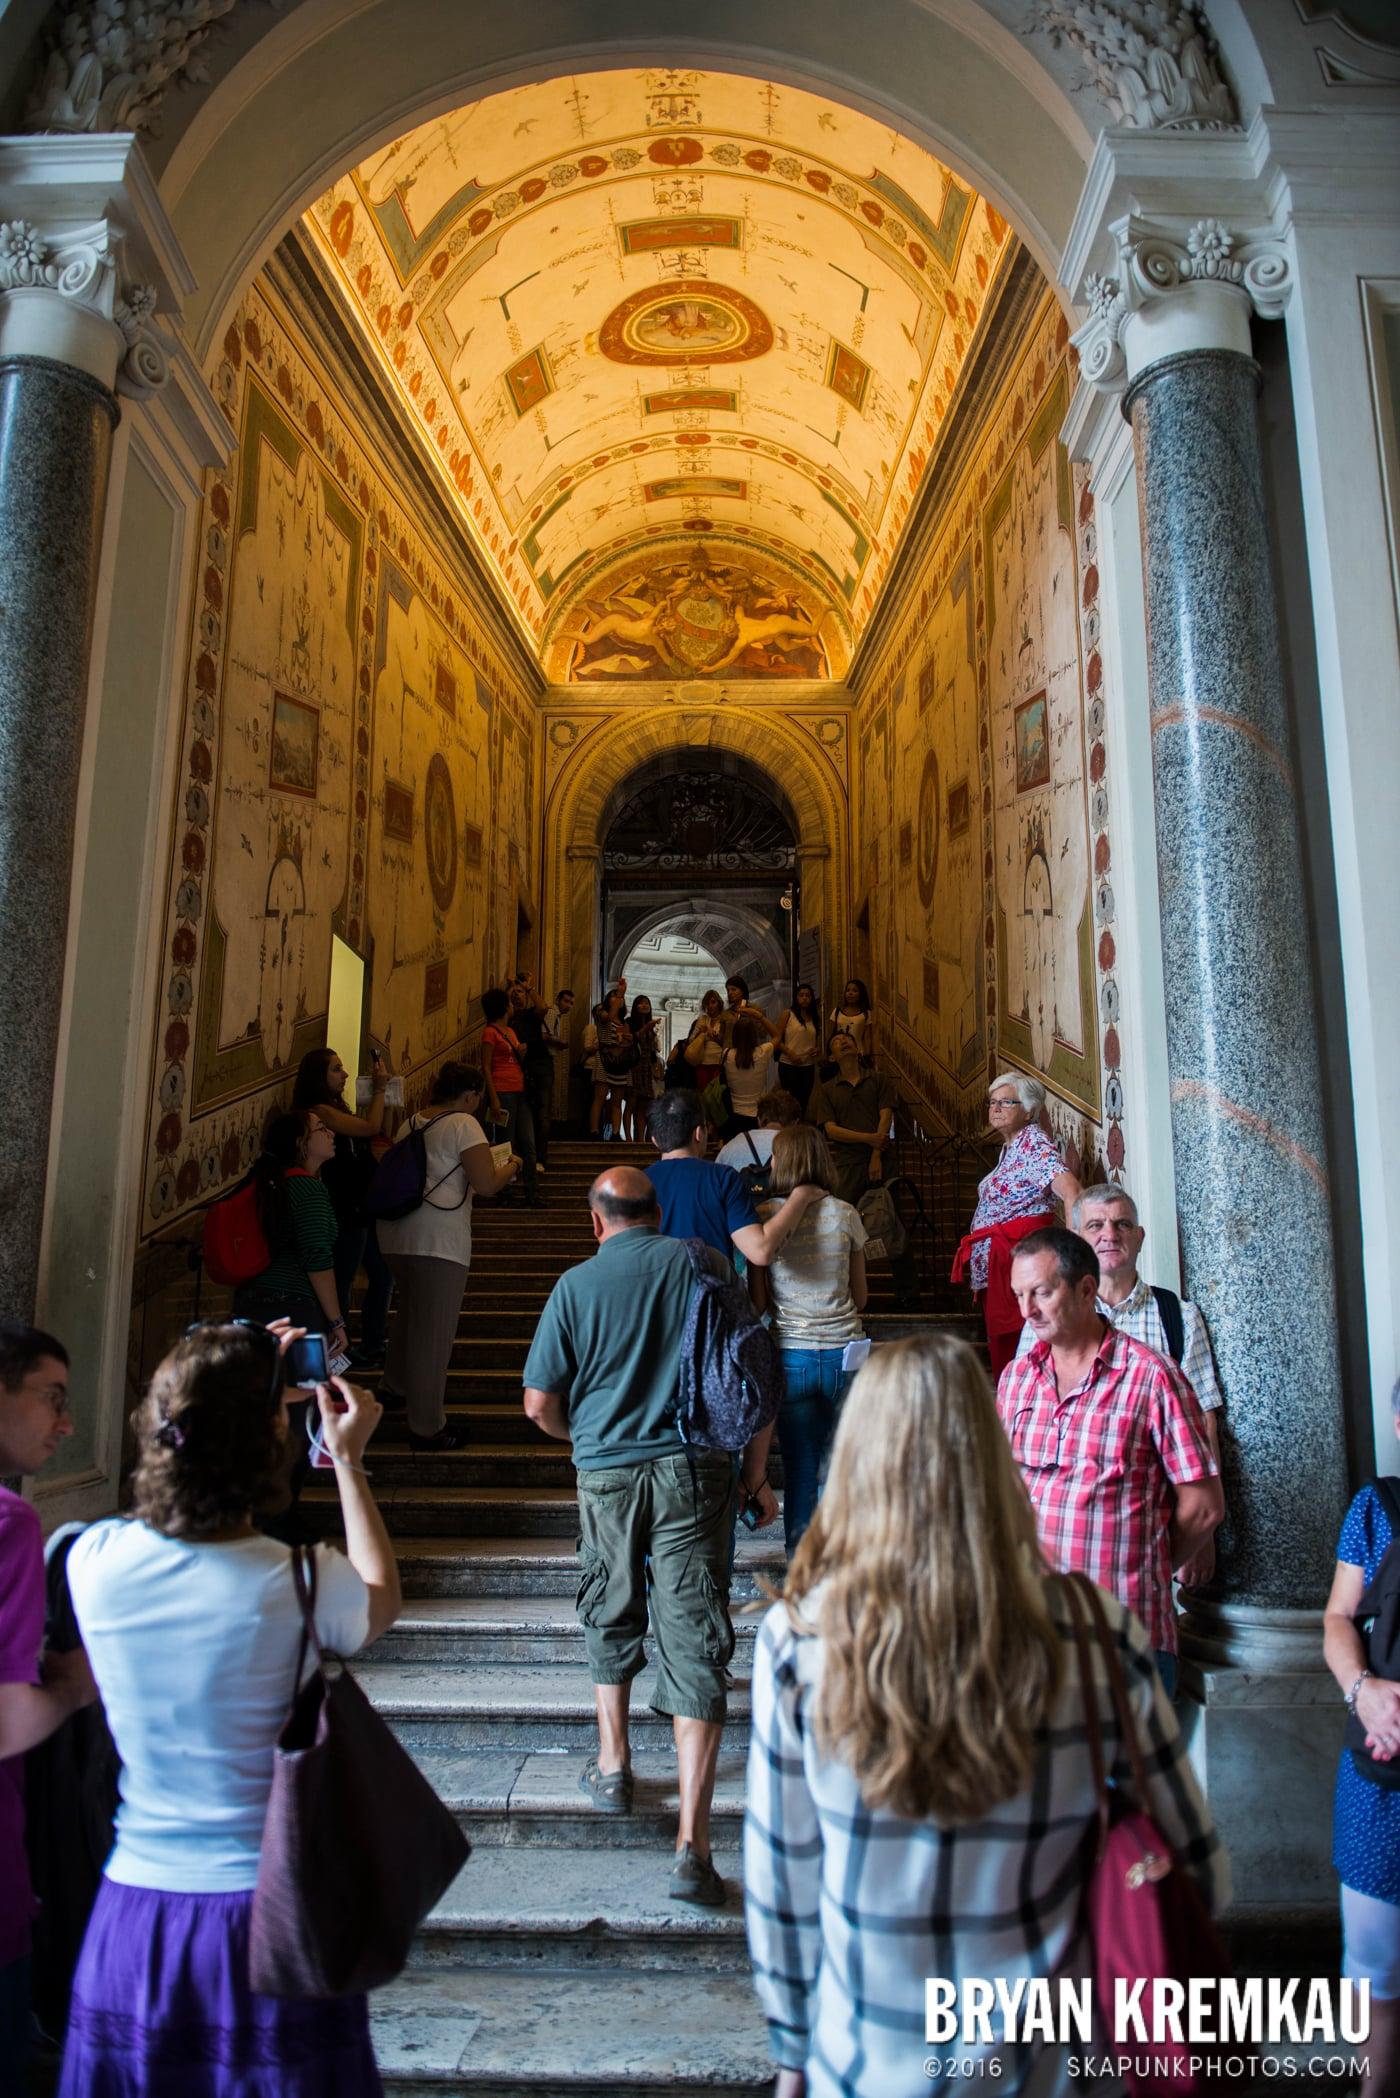 Italy Vacation - Day 3: Rome - 9.11.13 (56)